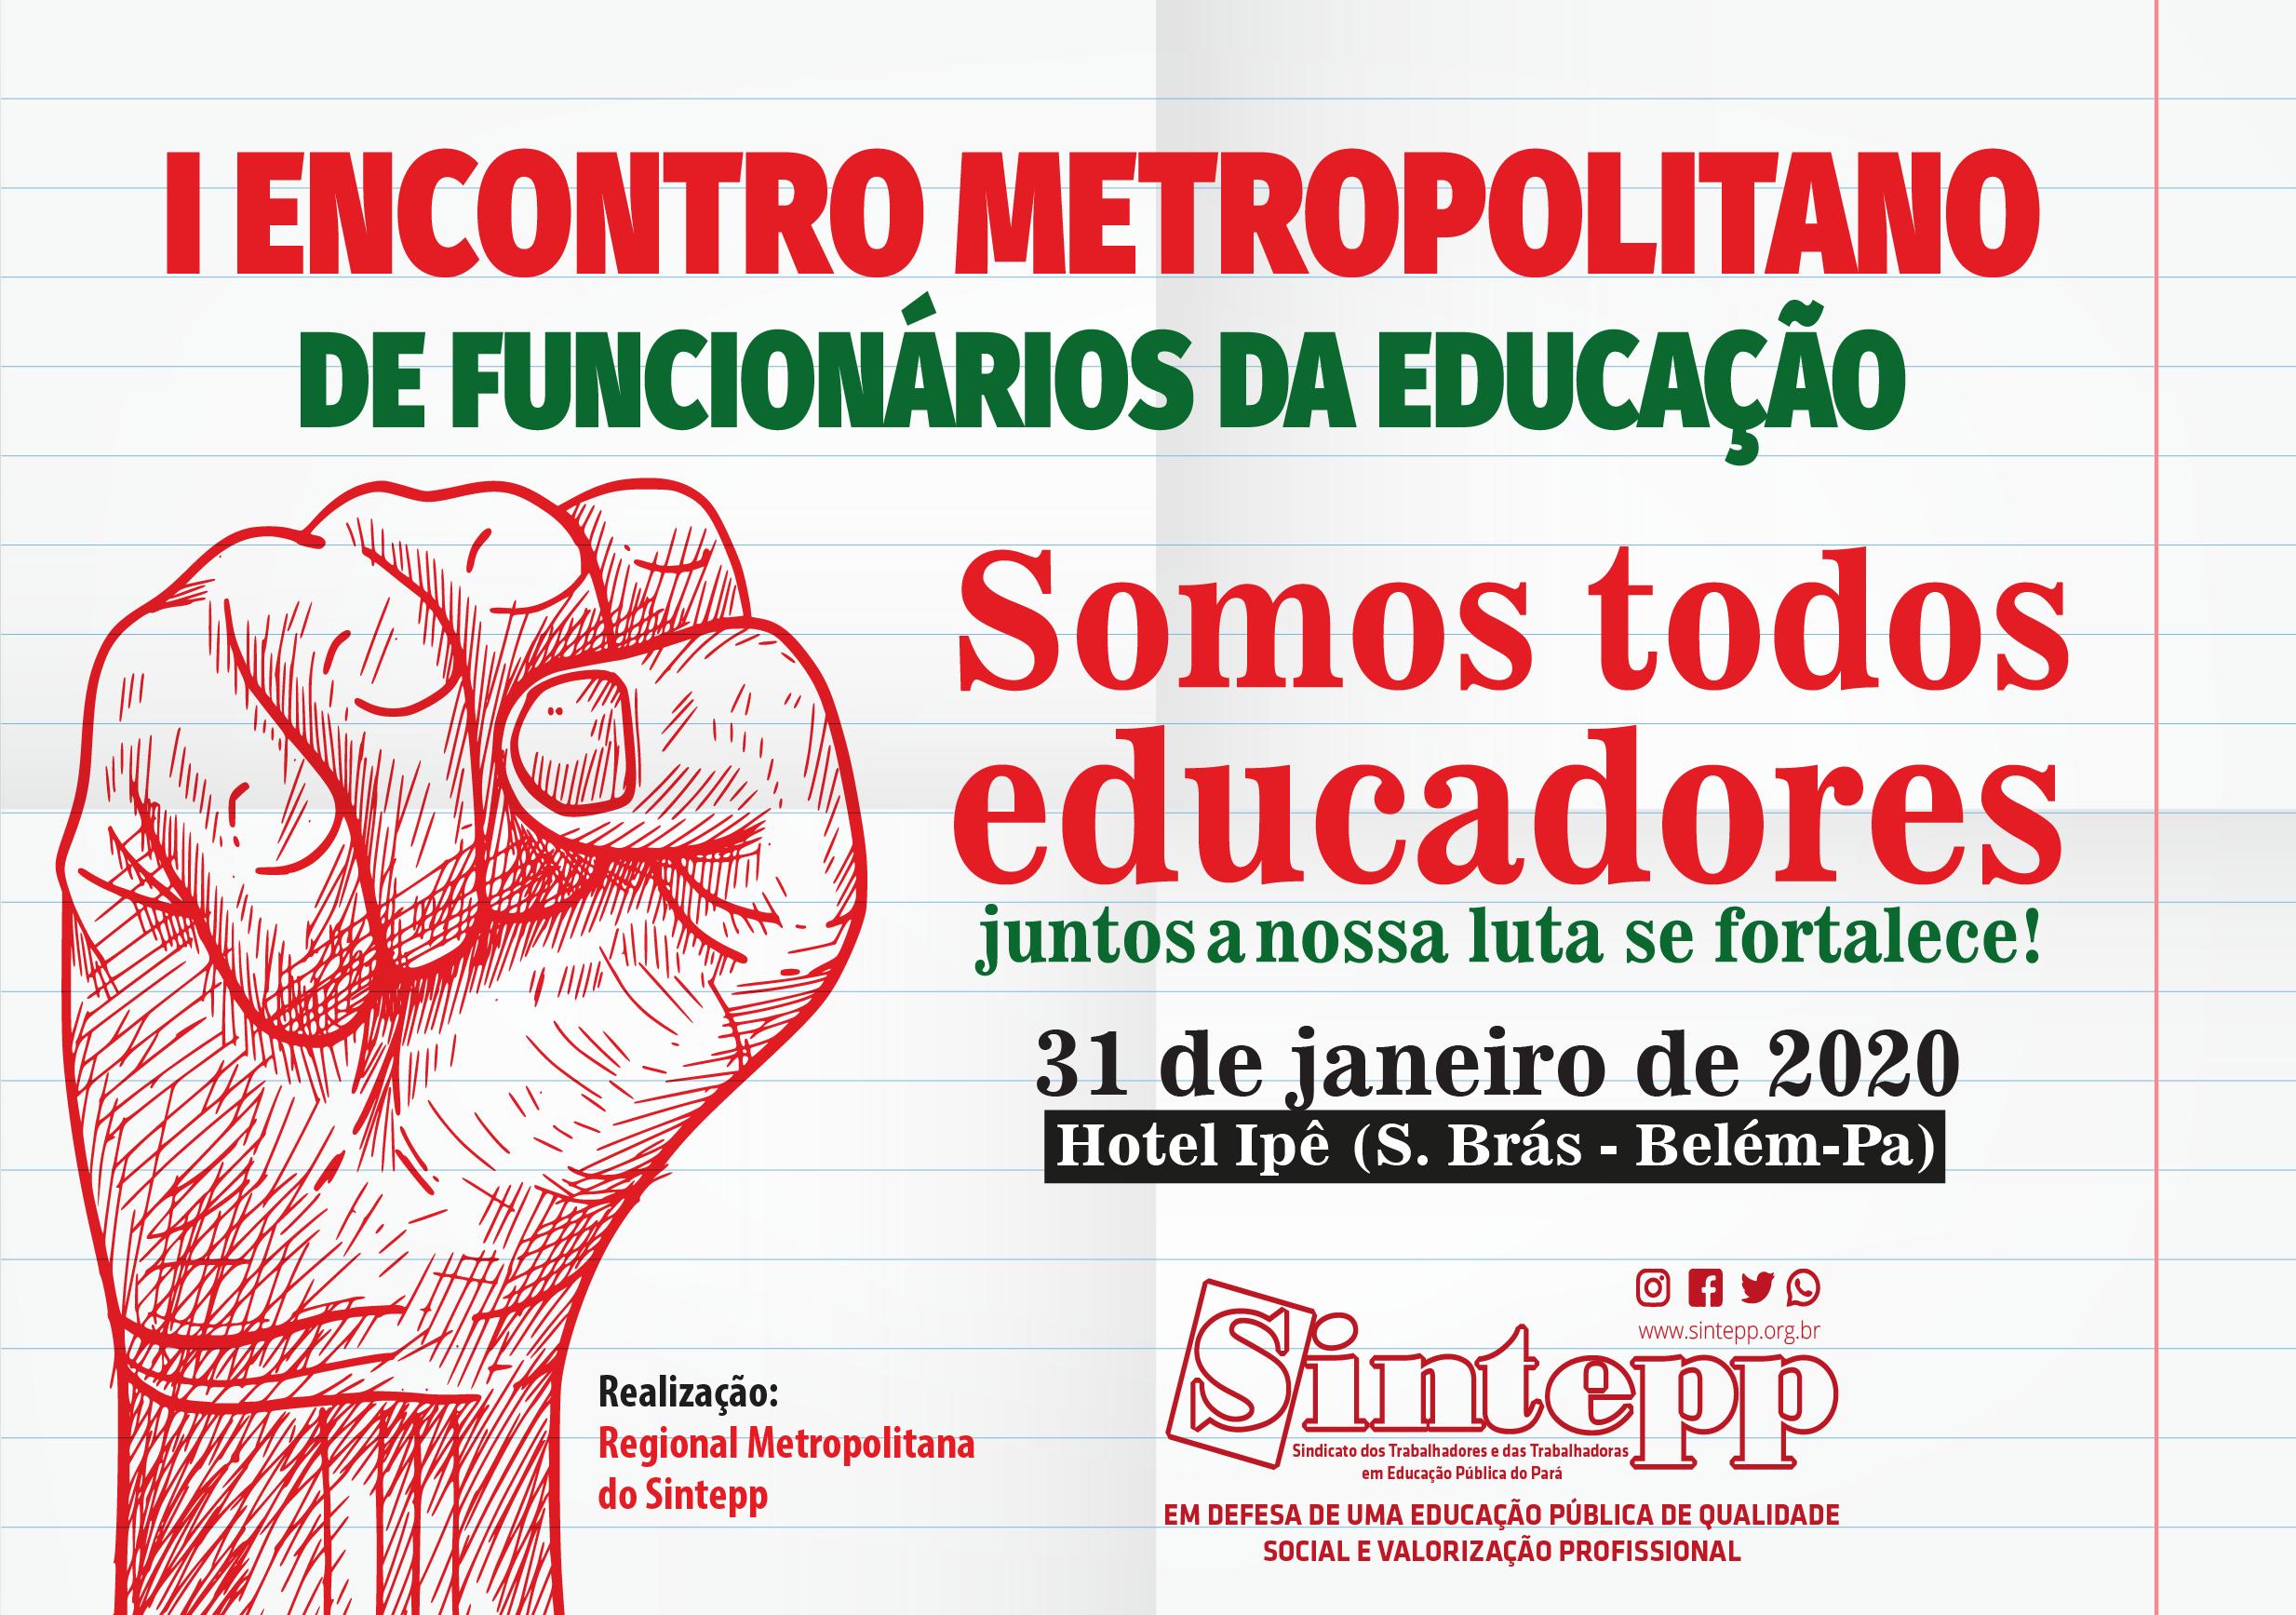 I Encontro de Funcionários da Educação da Regional Metropolitana do Sintepp